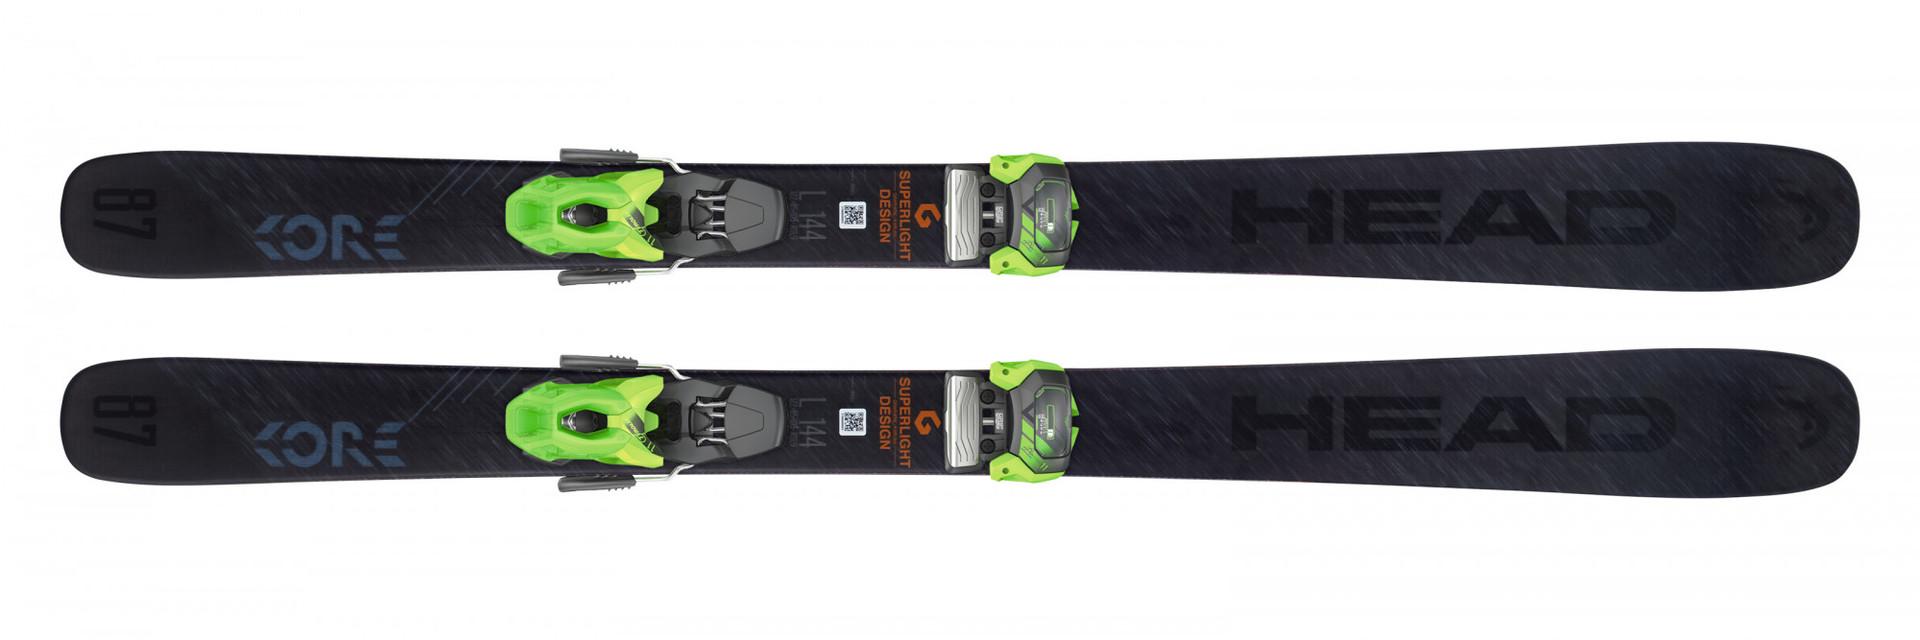 5f16e9e26015 Горные лыжи Head - магазин горных лыж в Москве, купить в интернет ...